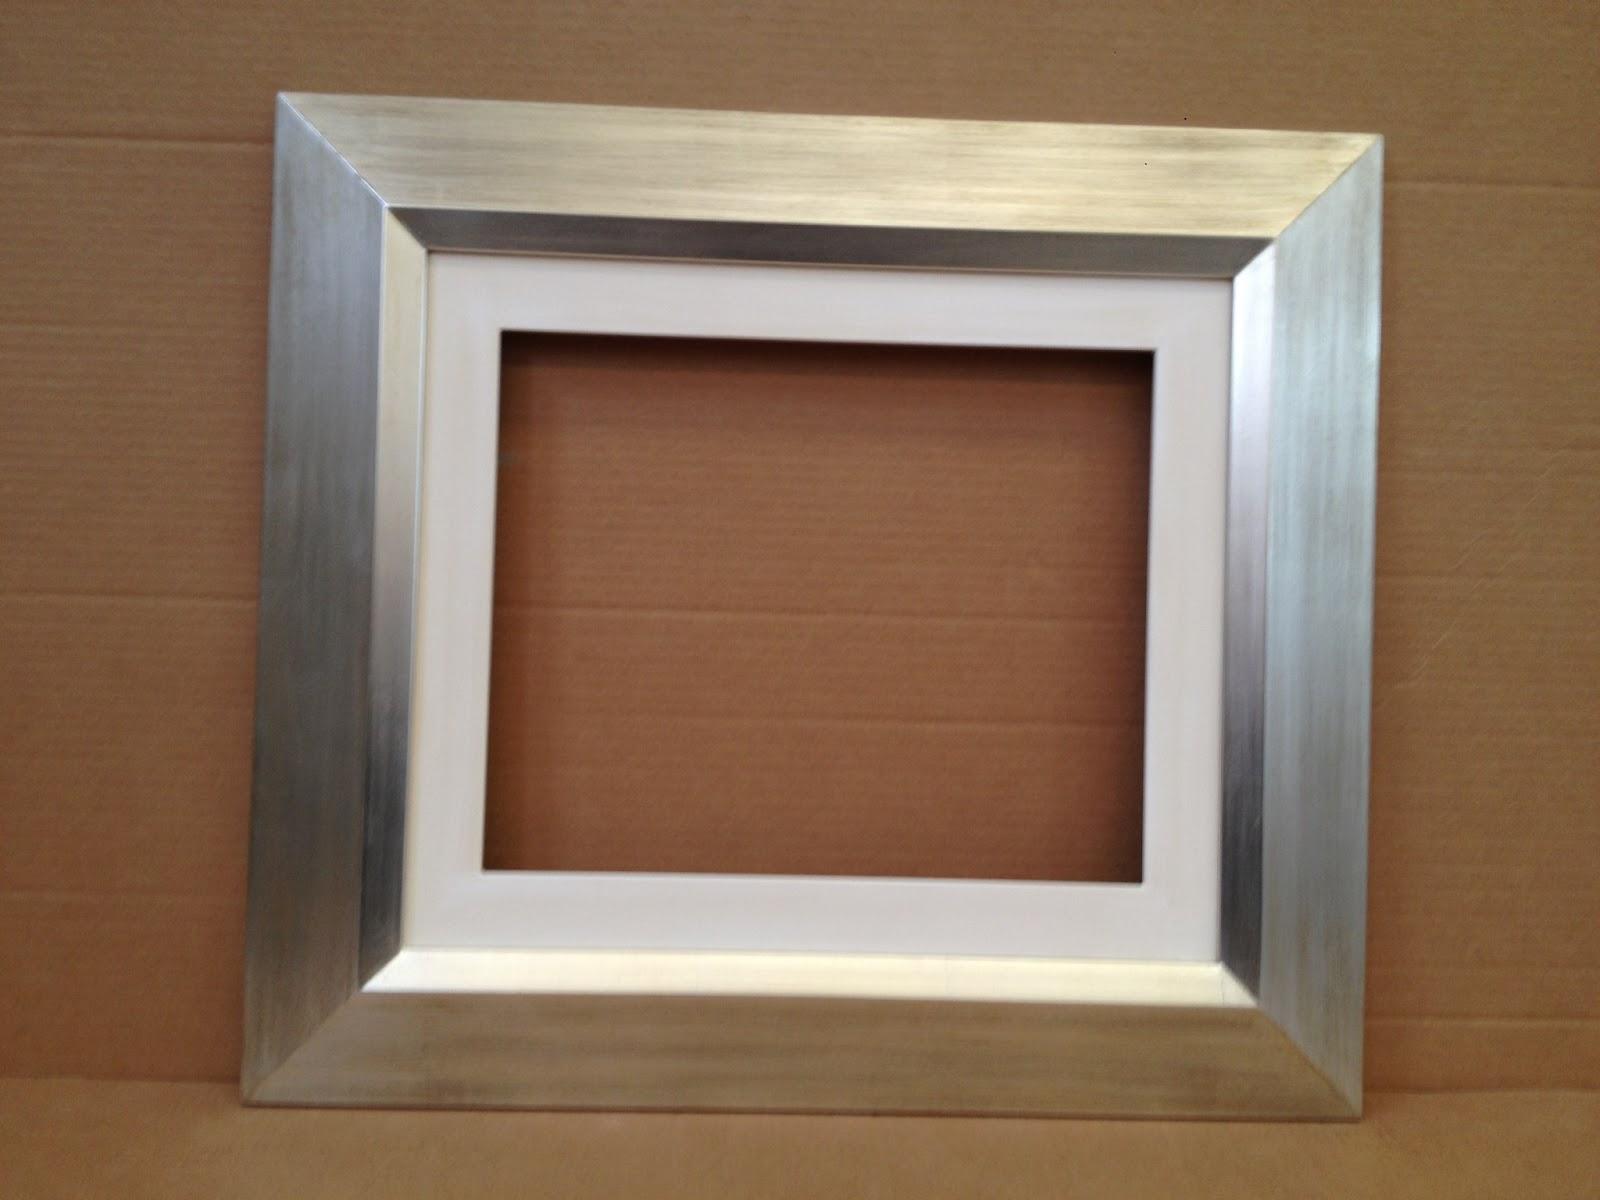 Kino marcos molduras marcos para cuadros enmarcacion venta al publico precios de taller mayo 2013 - Marcos para cuadros grandes ...